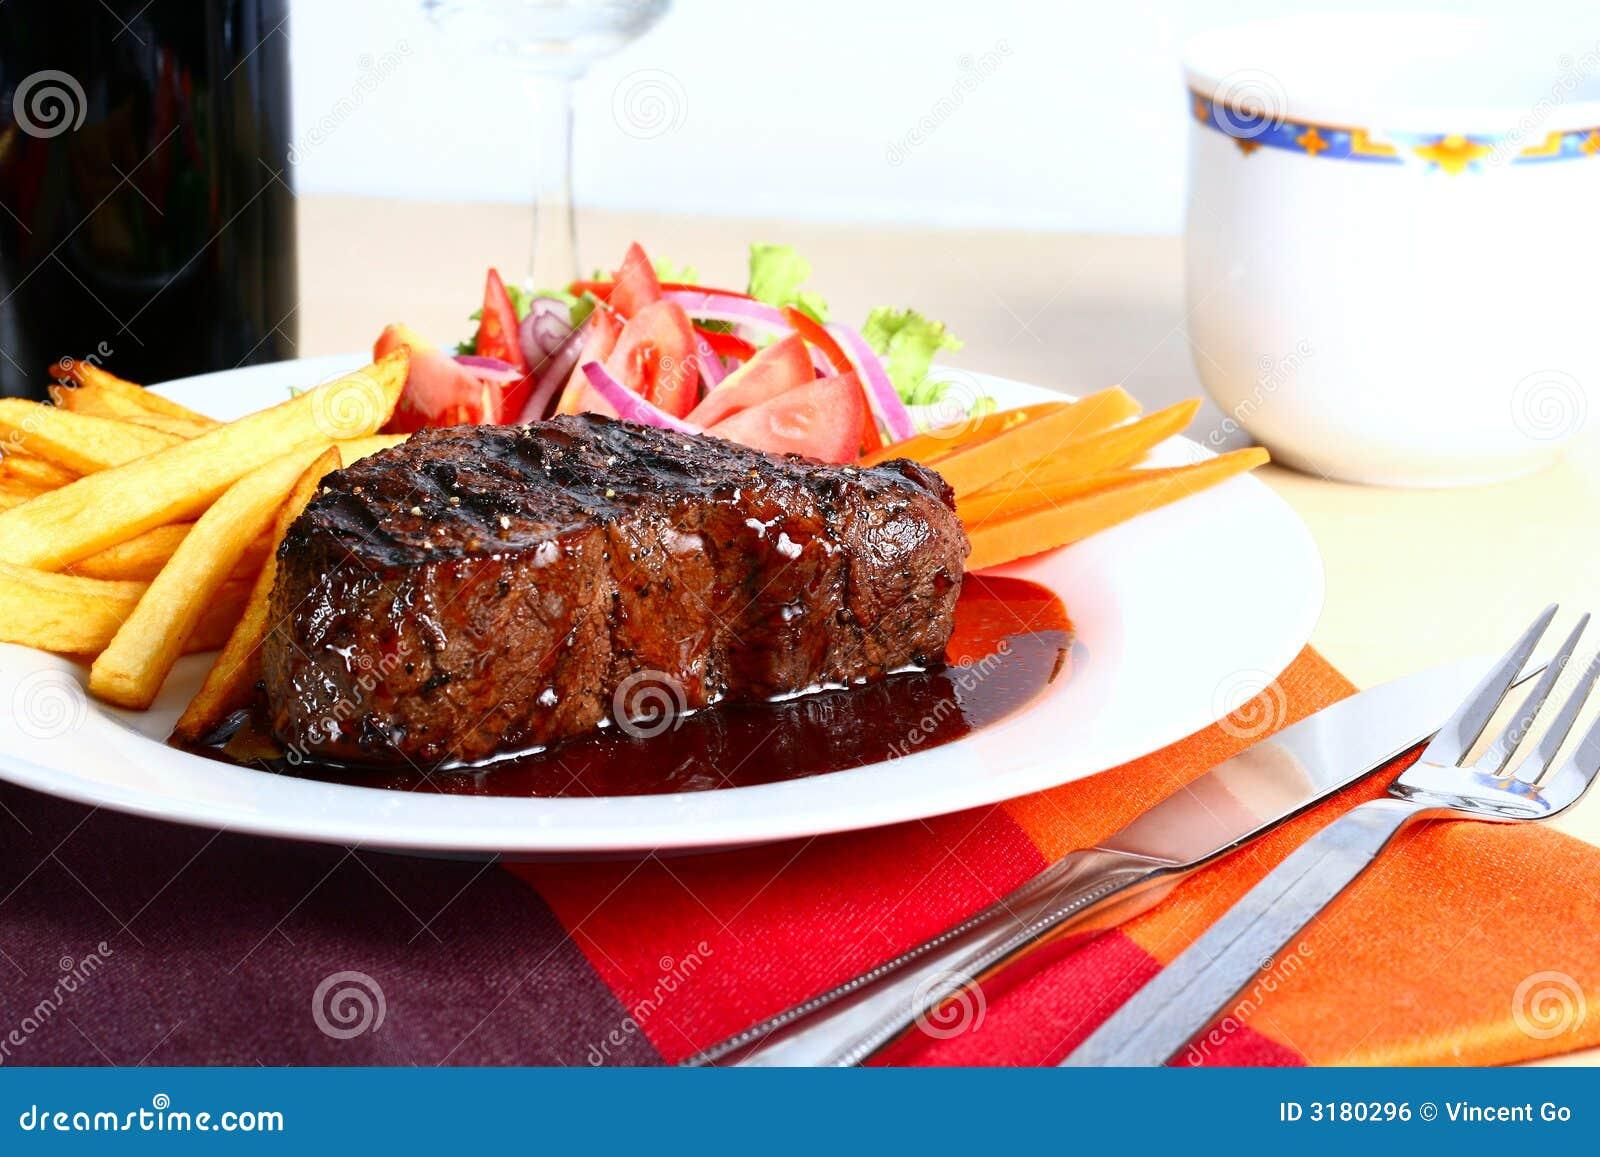 how to cook beef steak tender